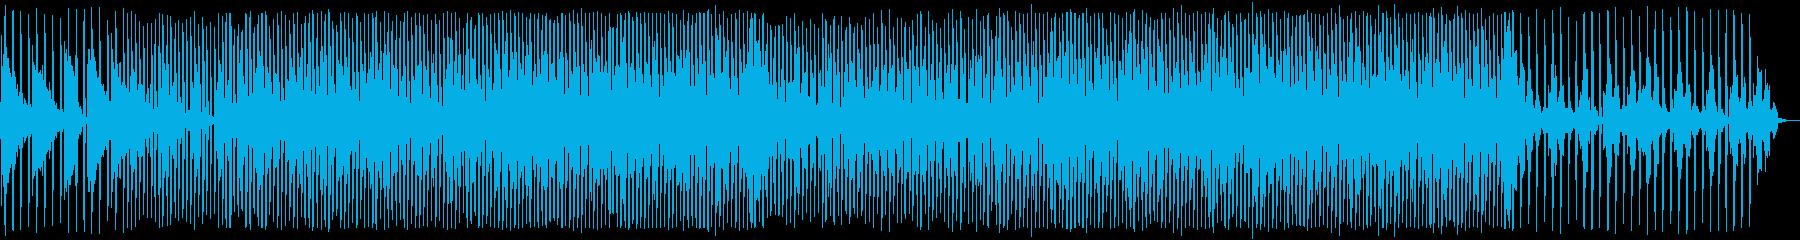 電子の海に旅立つBGM_No357の再生済みの波形